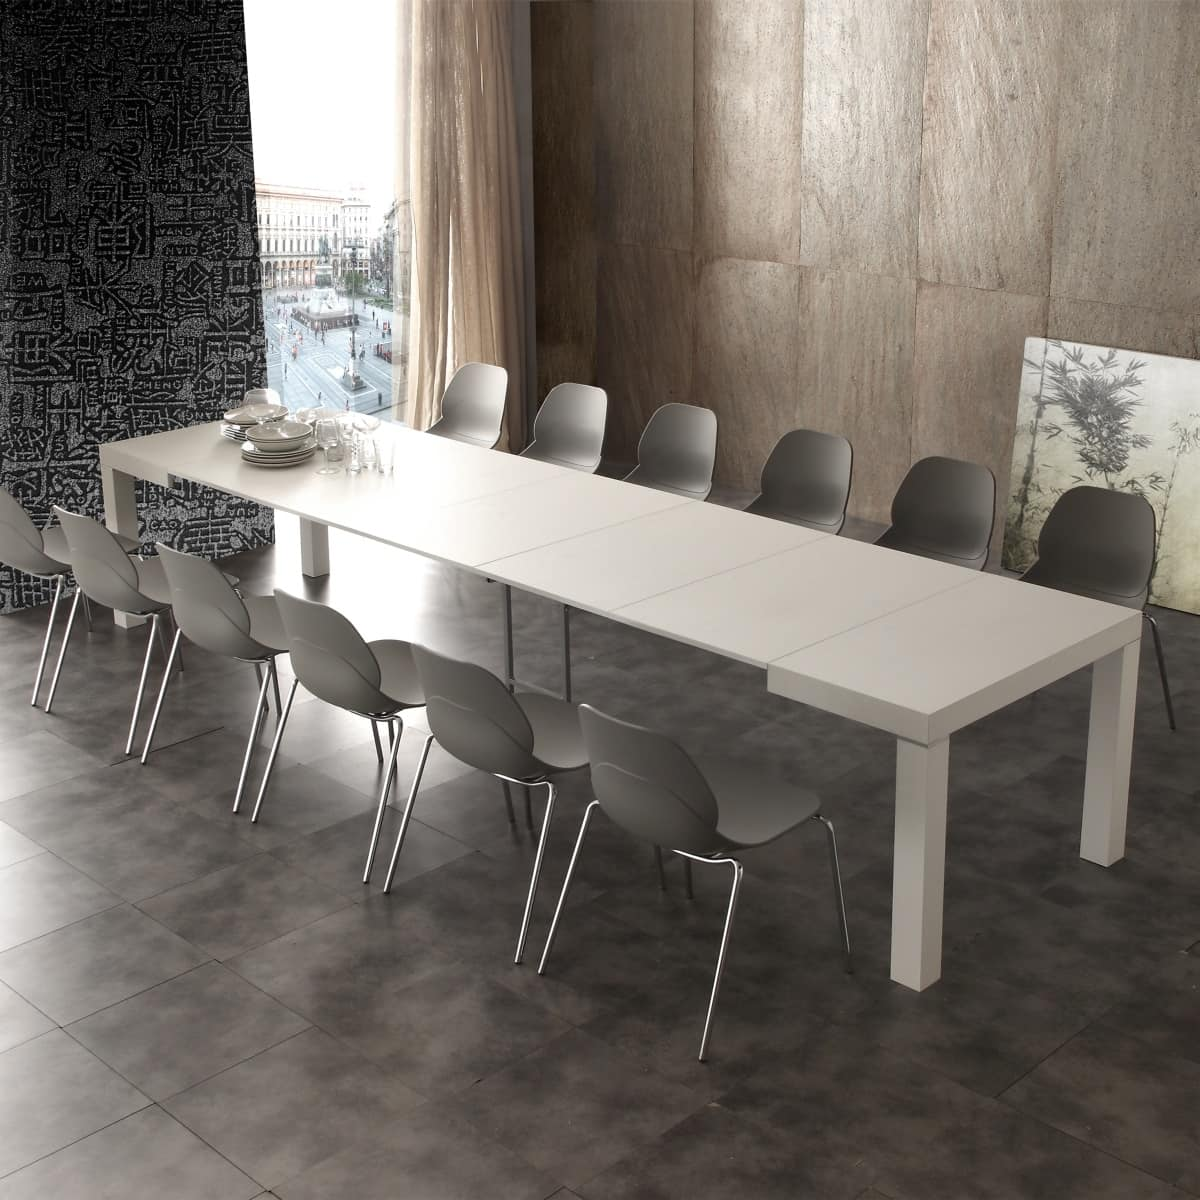 Tavolo allungabile con varie allunghe in legno idfdesign for Tavoli in legno allungabili